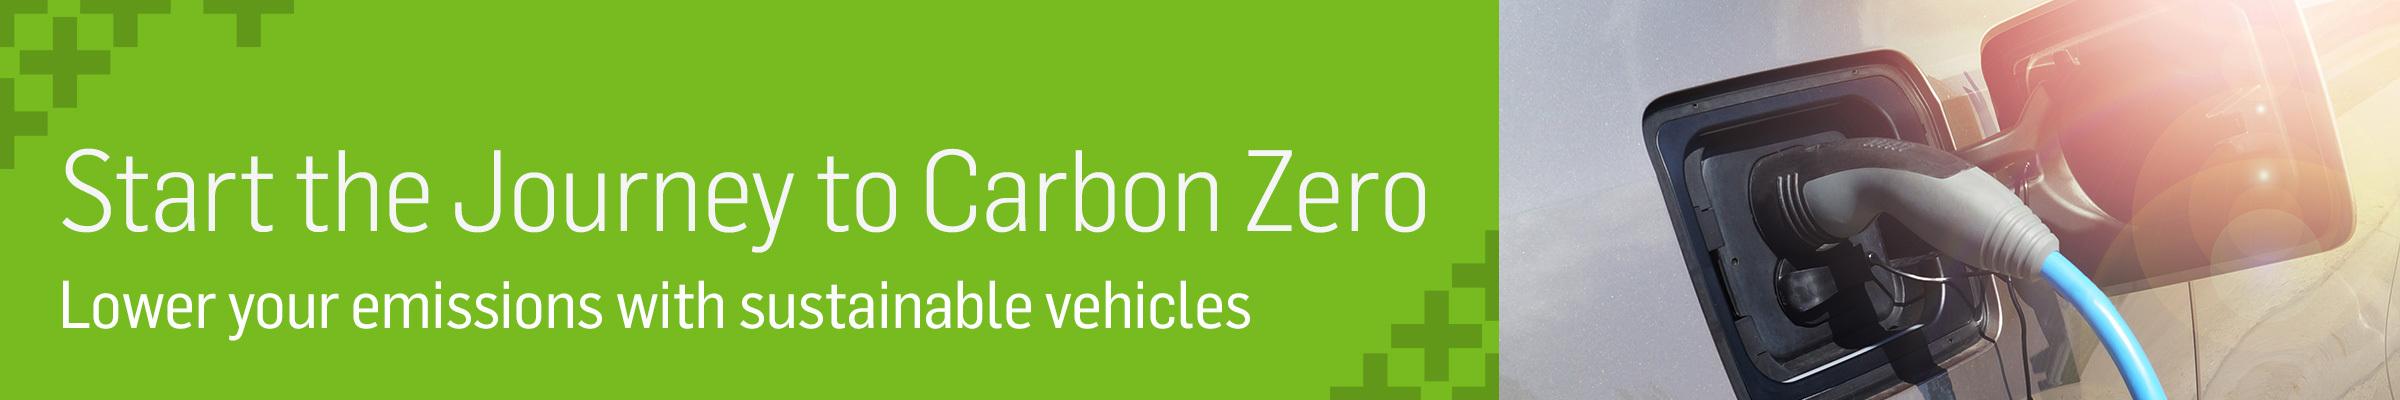 F+_Journey-to-Carbon-Zero_Sep-2021